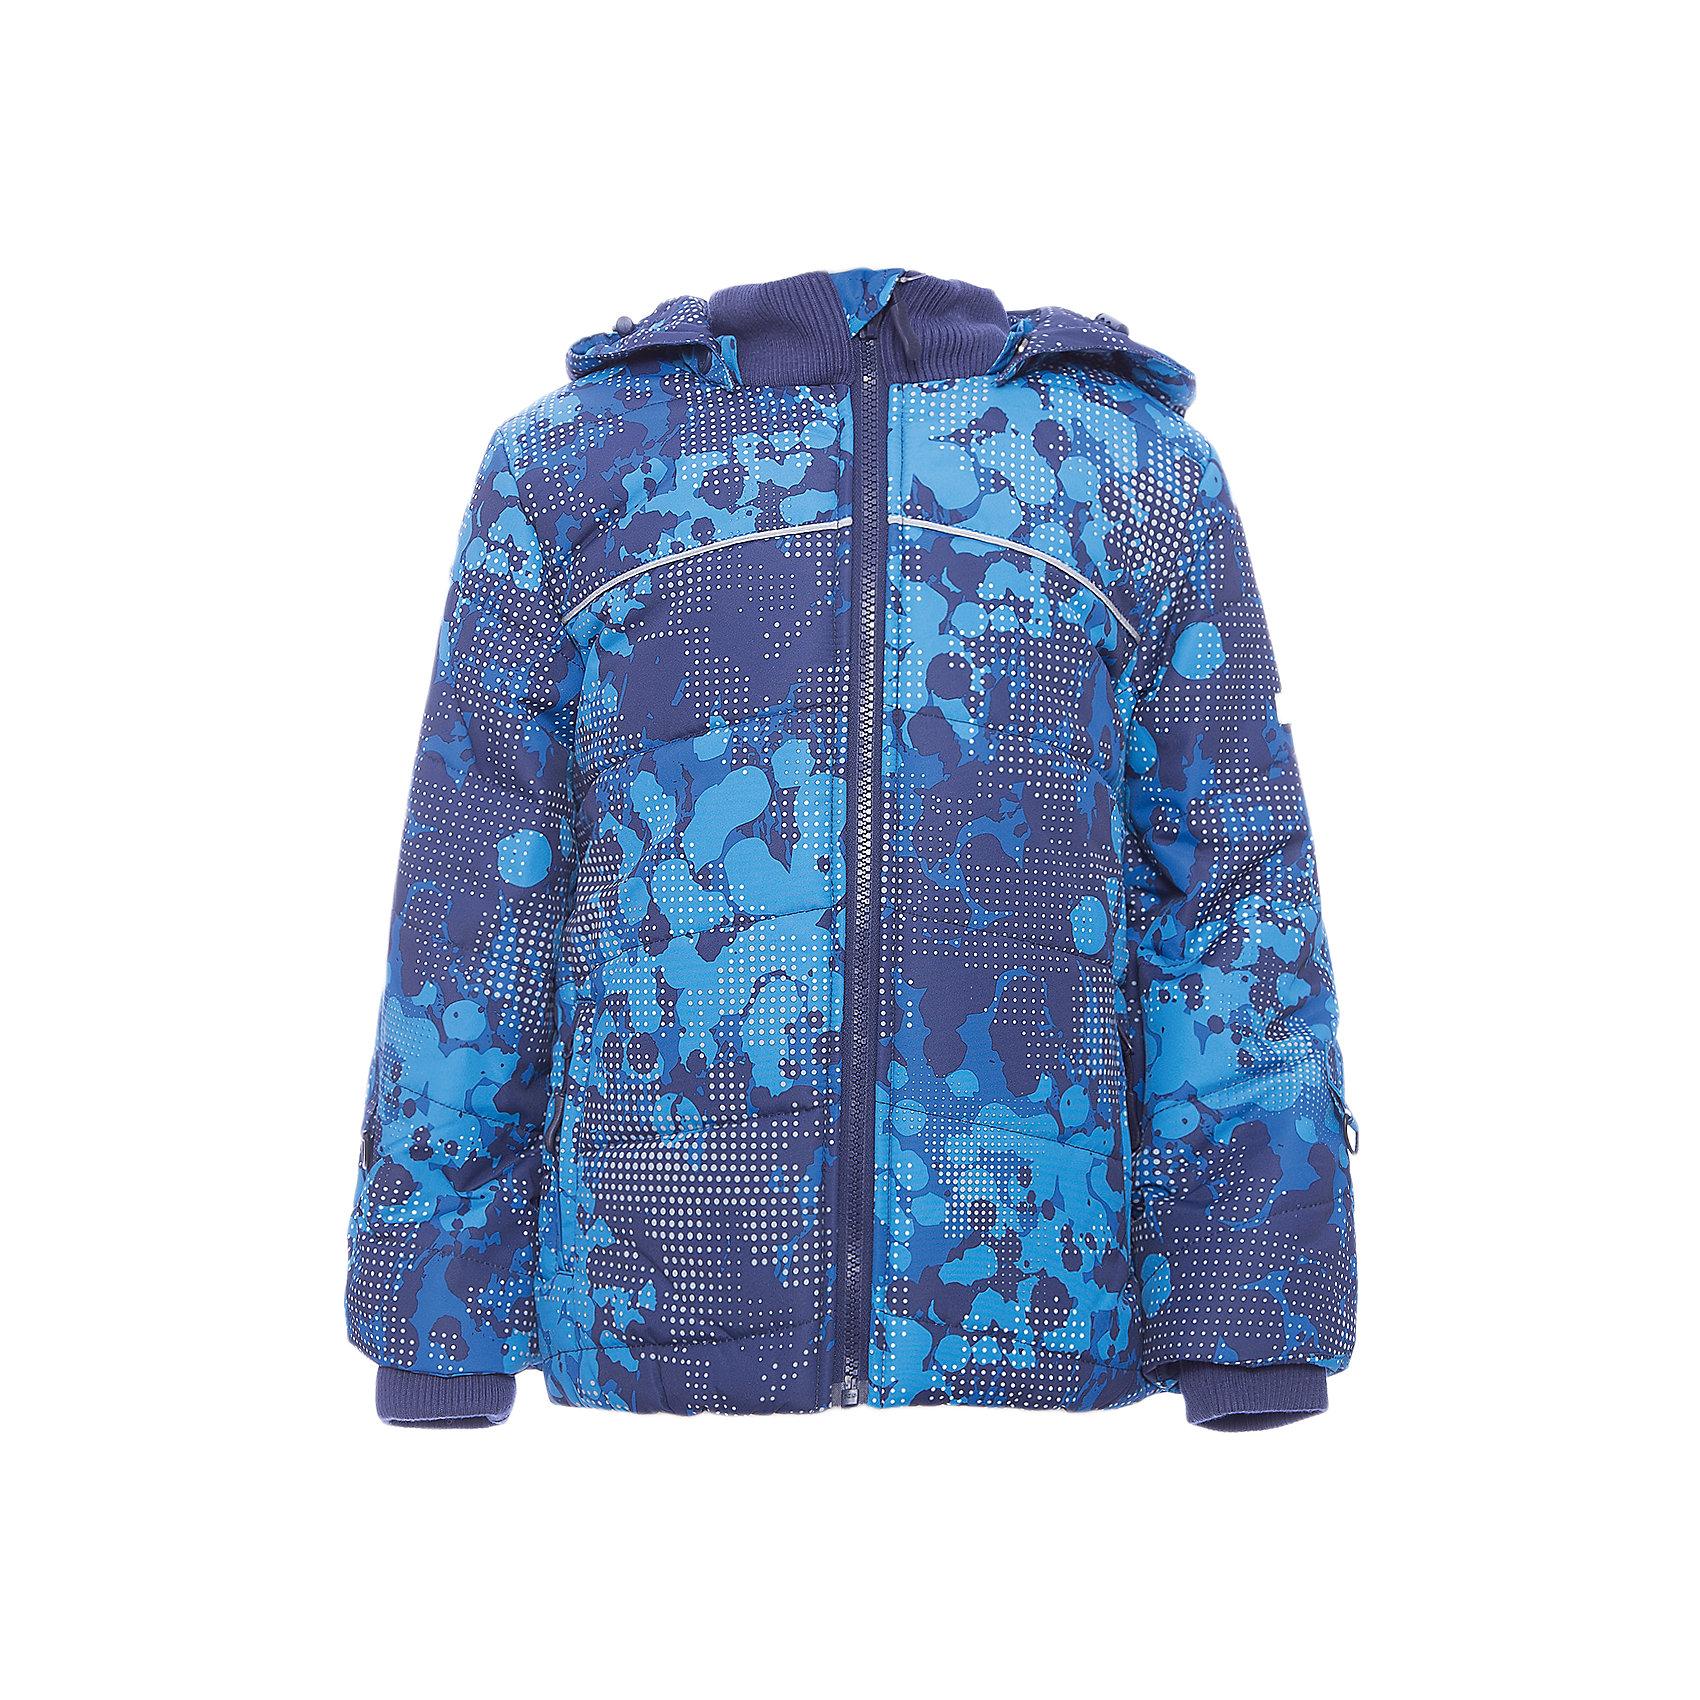 Куртка PlayToday для мальчикаДемисезонные куртки<br>Куртка PlayToday для мальчика<br>Теплая куртка из ткани с водоотталкивающей пропиткой - отличное решение для холодной погоды. Капюшон на кнопках, при необходимости его можно отстегнуть. Контур капюшона на регулируемом шнуре - кулиске. Куртка на молнии. Специальный карман для бегунка не позволит застежке травмировать нежную детскую кожу. Светоотражающие элементы обеспечат видимость ребенка в темное время суток. Подкладка из мягкого флиса. Куртка дополнена снегозащитной юбкой. Вшивные трикотажные манжеты для дополнительного сохранения тепла. На рукавах предусмотрены специальные кольца для перчаток. Воротник - стойка из плотного трикотажа не вызывает неприятных ощущений.<br>Состав:<br>Верх: 100% полиэстер, Подкладка: 100% полиэстер, Наполнитель: 100% полиэстер, 300 г/м2<br><br>Ширина мм: 356<br>Глубина мм: 10<br>Высота мм: 245<br>Вес г: 519<br>Цвет: белый<br>Возраст от месяцев: 84<br>Возраст до месяцев: 96<br>Пол: Мужской<br>Возраст: Детский<br>Размер: 128,98,104,110,116,122<br>SKU: 7110746